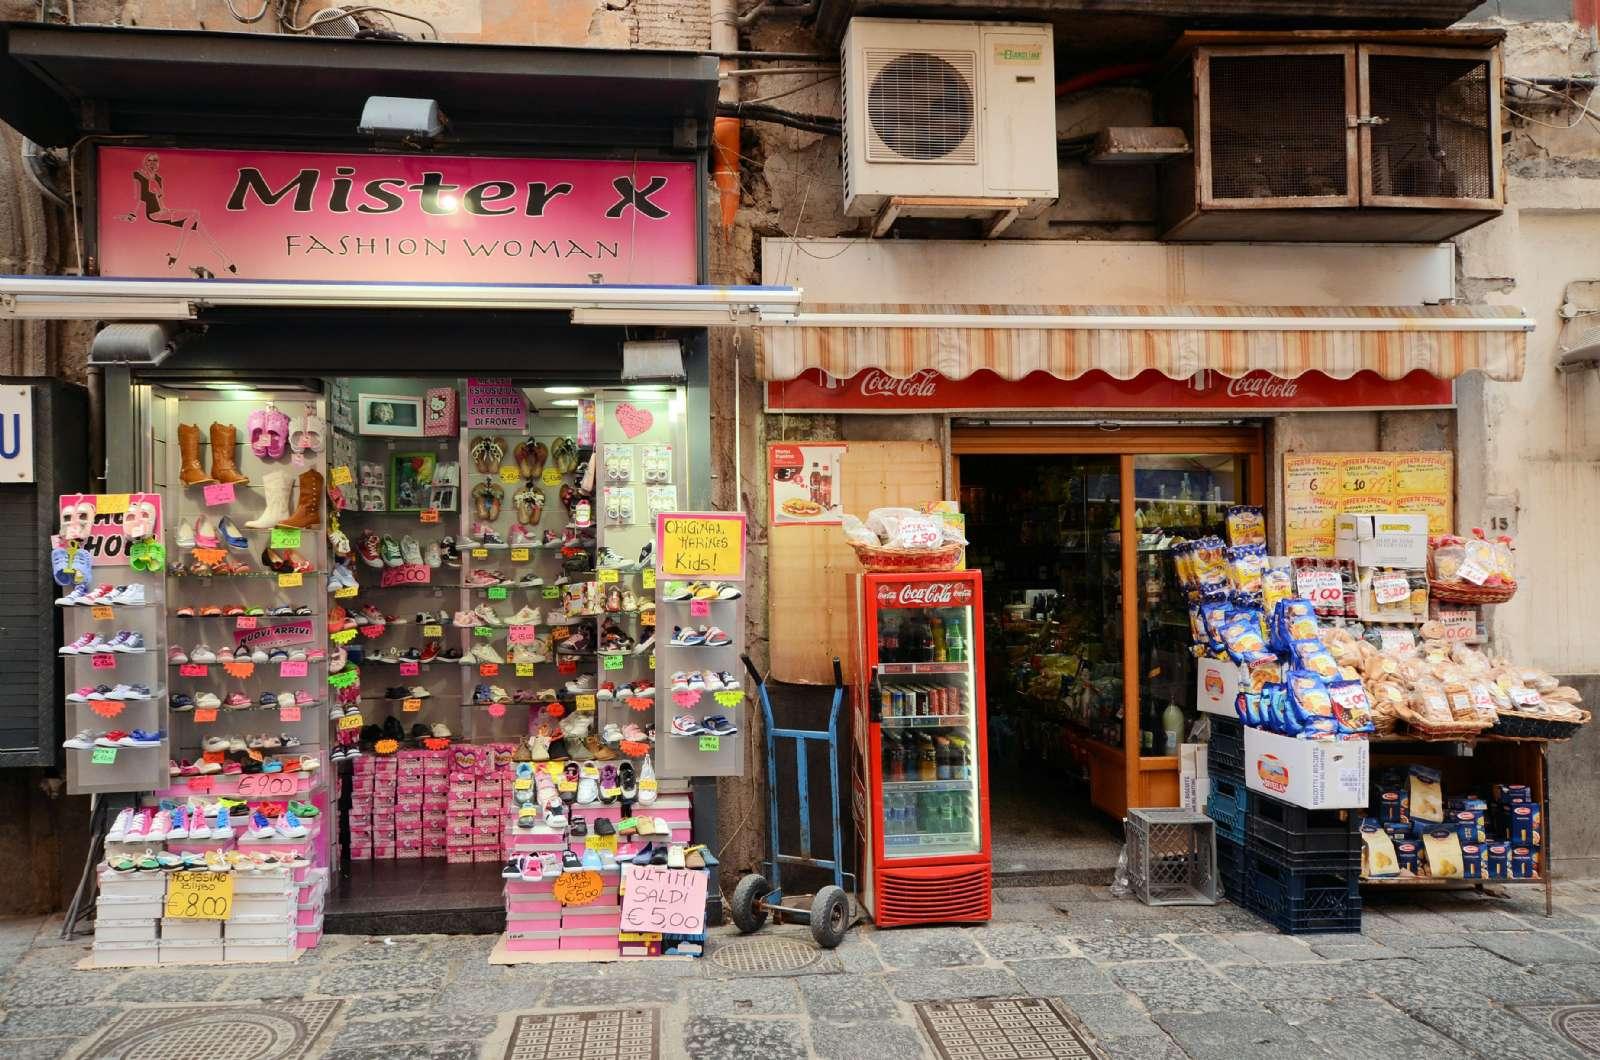 Stämningsbild från en gata i Neapel